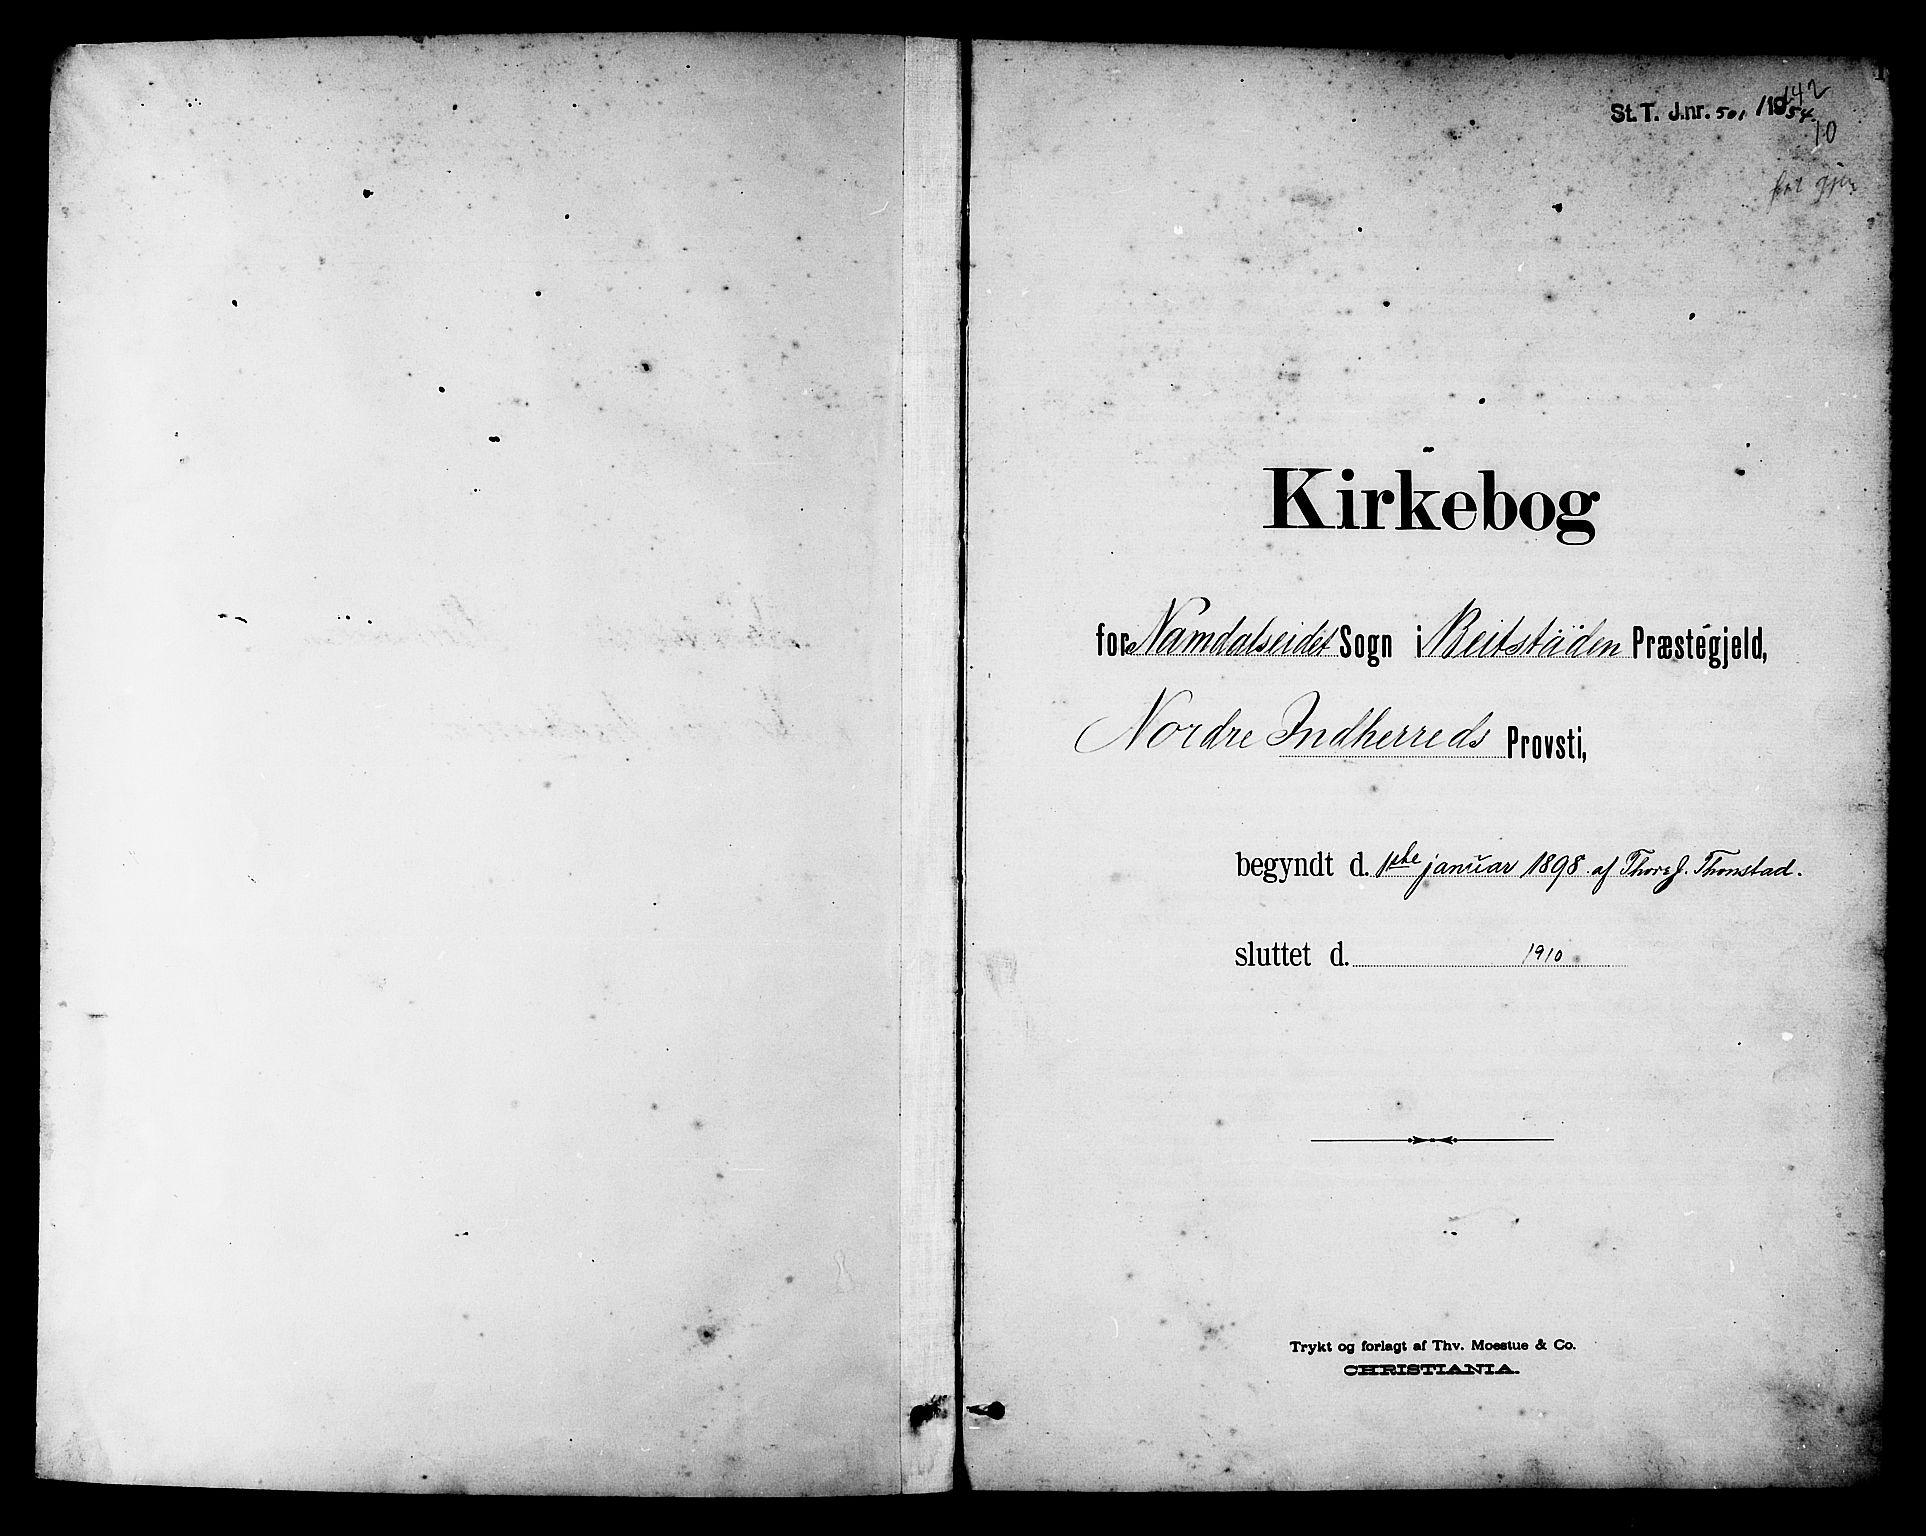 SAT, Ministerialprotokoller, klokkerbøker og fødselsregistre - Nord-Trøndelag, 742/L0412: Klokkerbok nr. 742C03, 1898-1910, s. 1